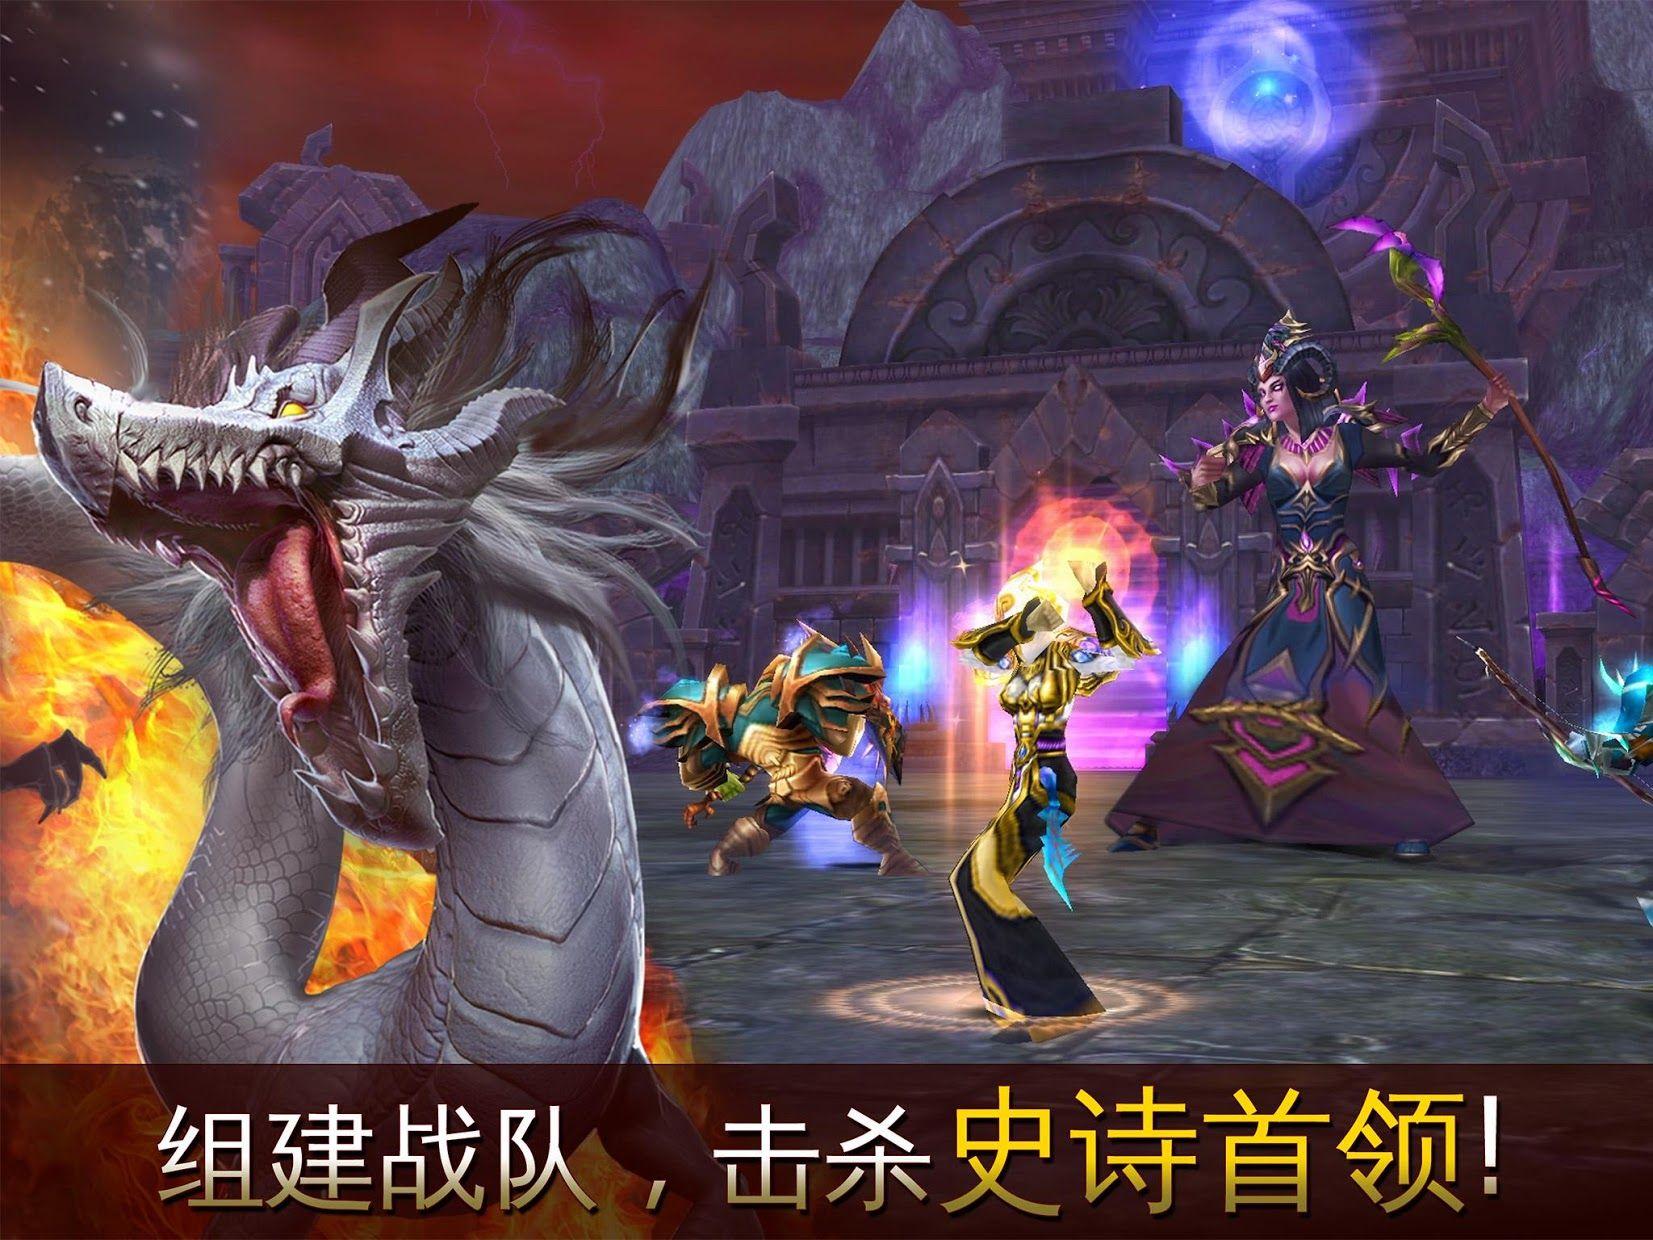 混沌与秩序Online - 魔幻3D MMORPG手游 游戏截图4